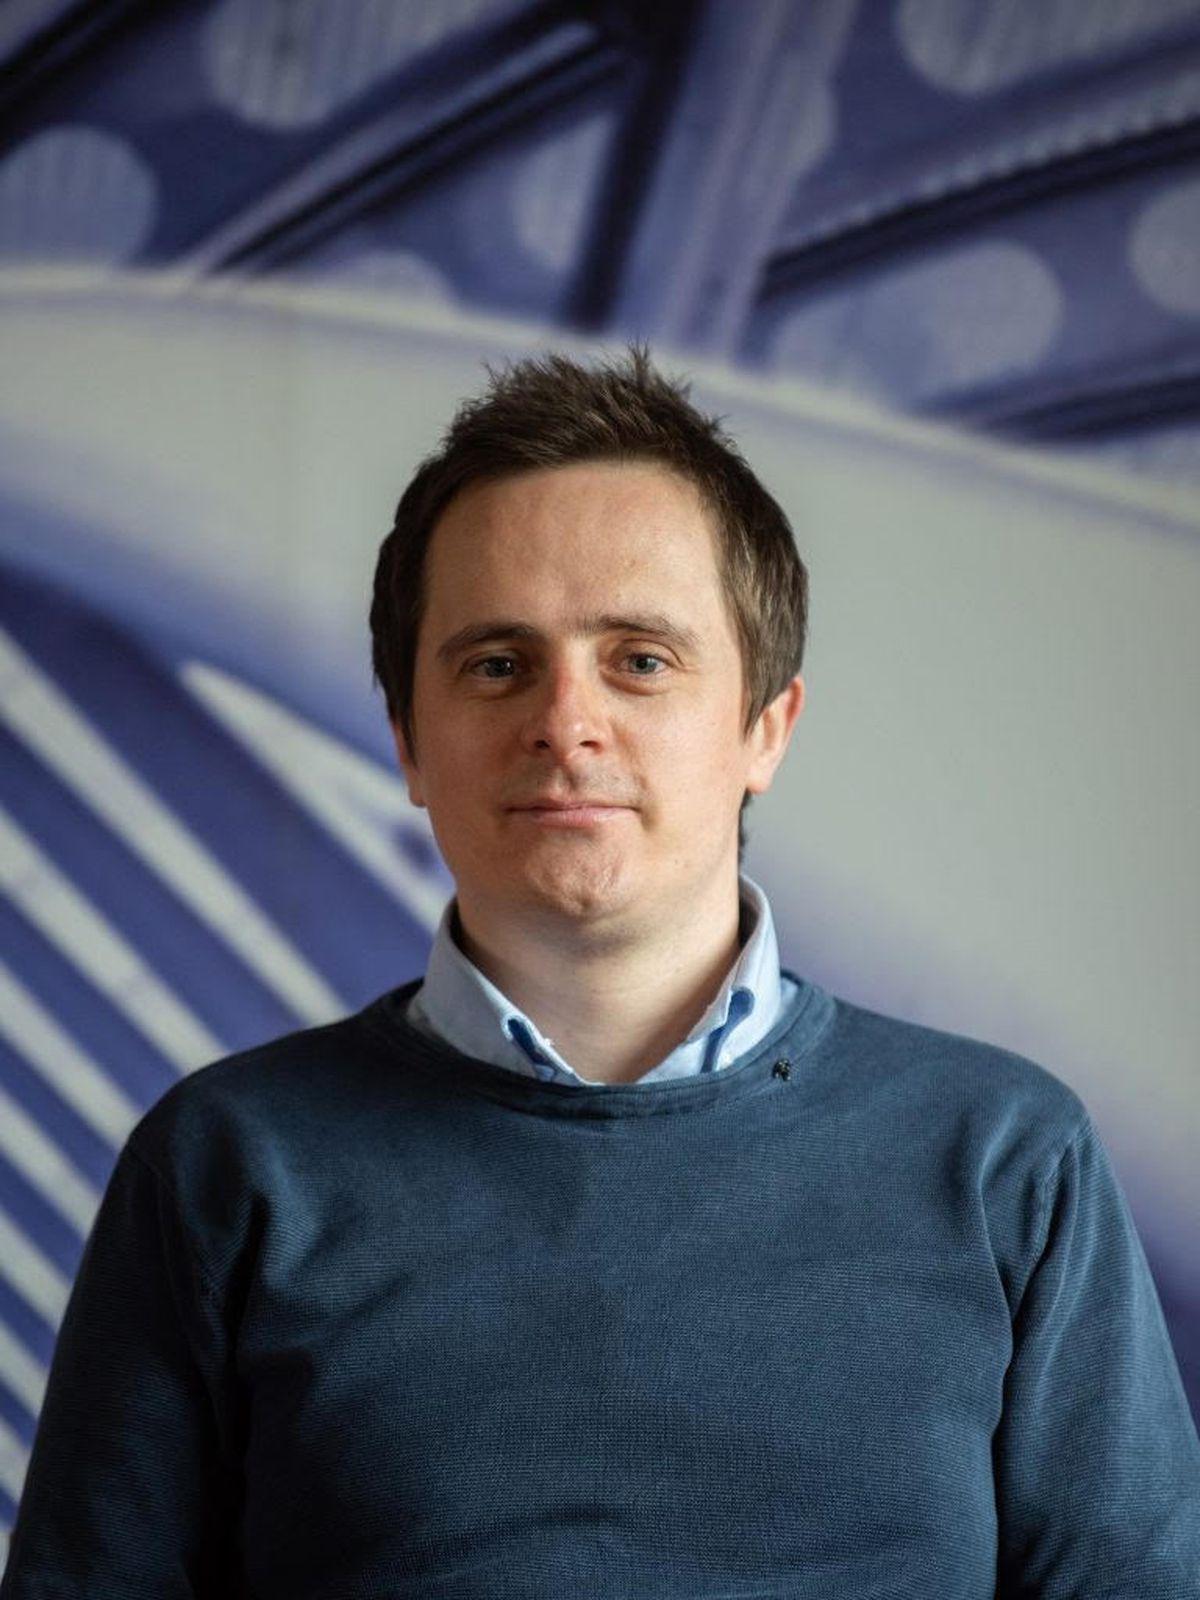 Daniel Barnshaw, managing director at Angle Ring Company